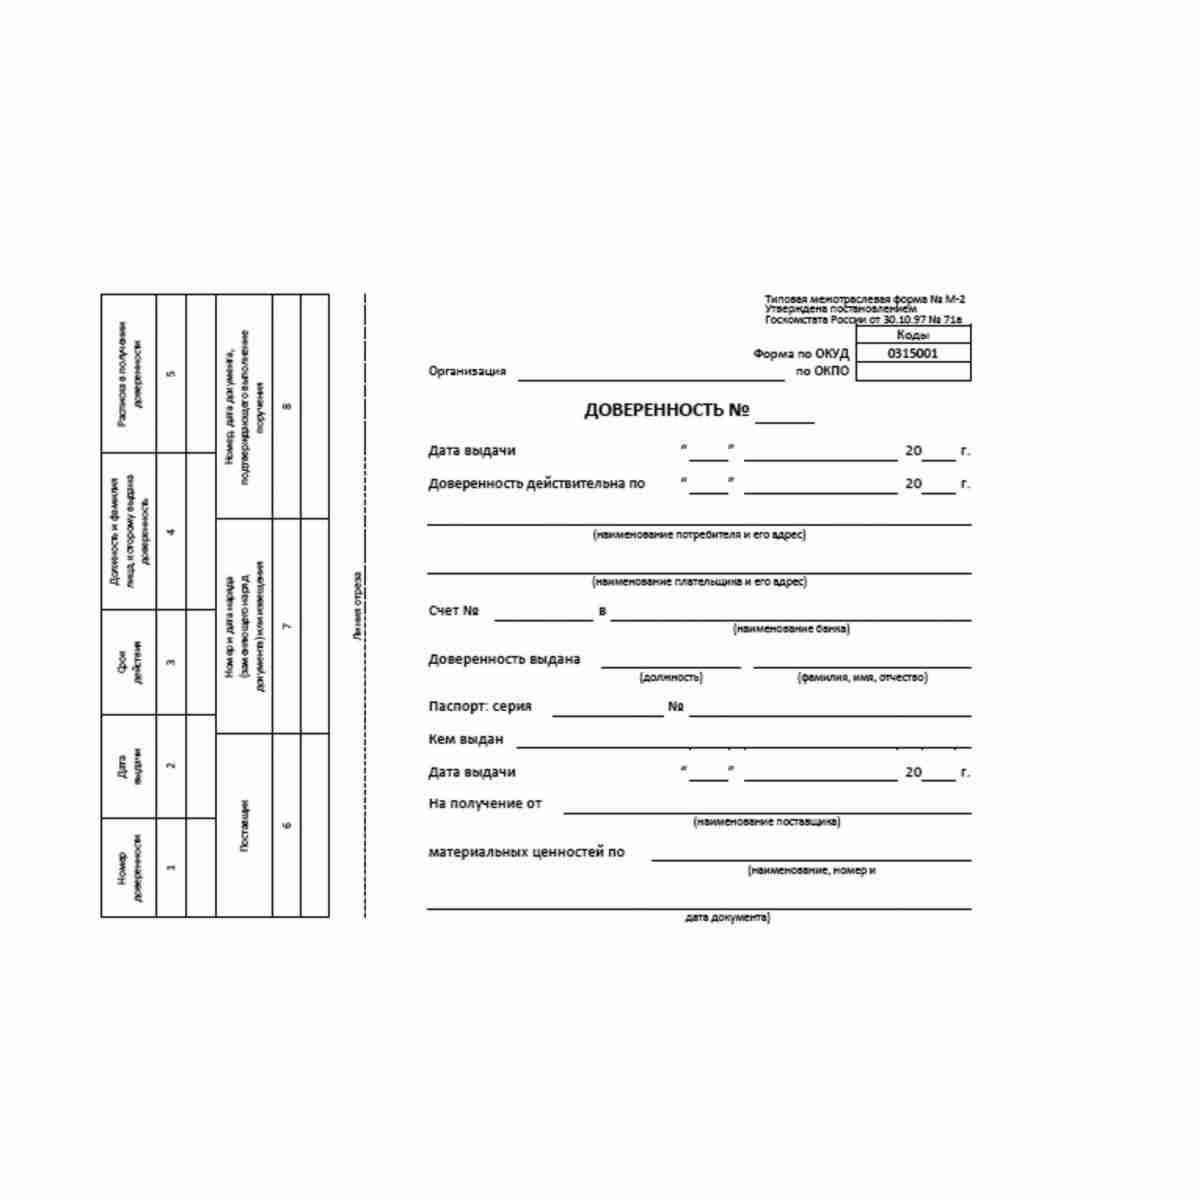 """Унифицированная форма первичной учетной документации Типовая межотраслевая форма № М-2 """"Доверенность"""" (ОКУД 0315001). Лицевая сторона."""